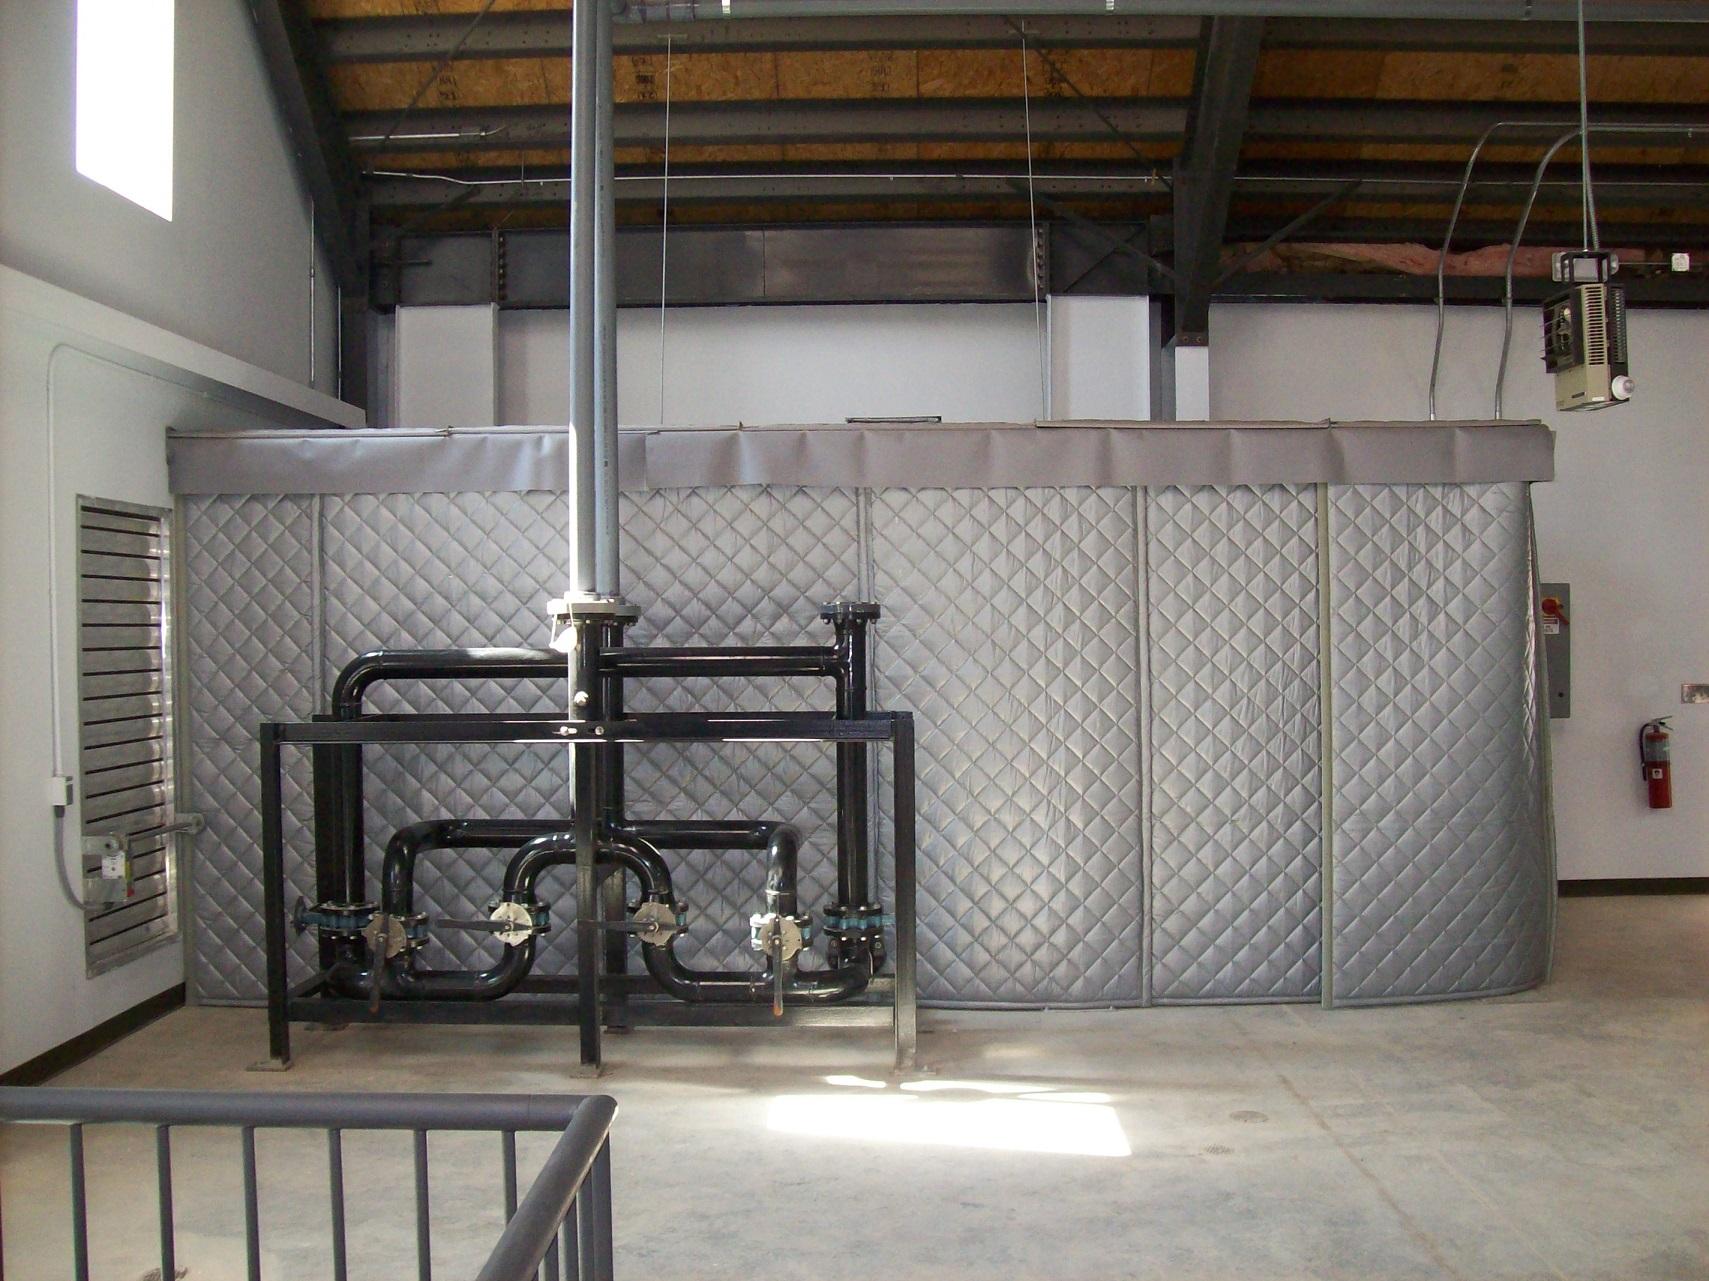 Acoustic Foam For Noise Control Enoise Control